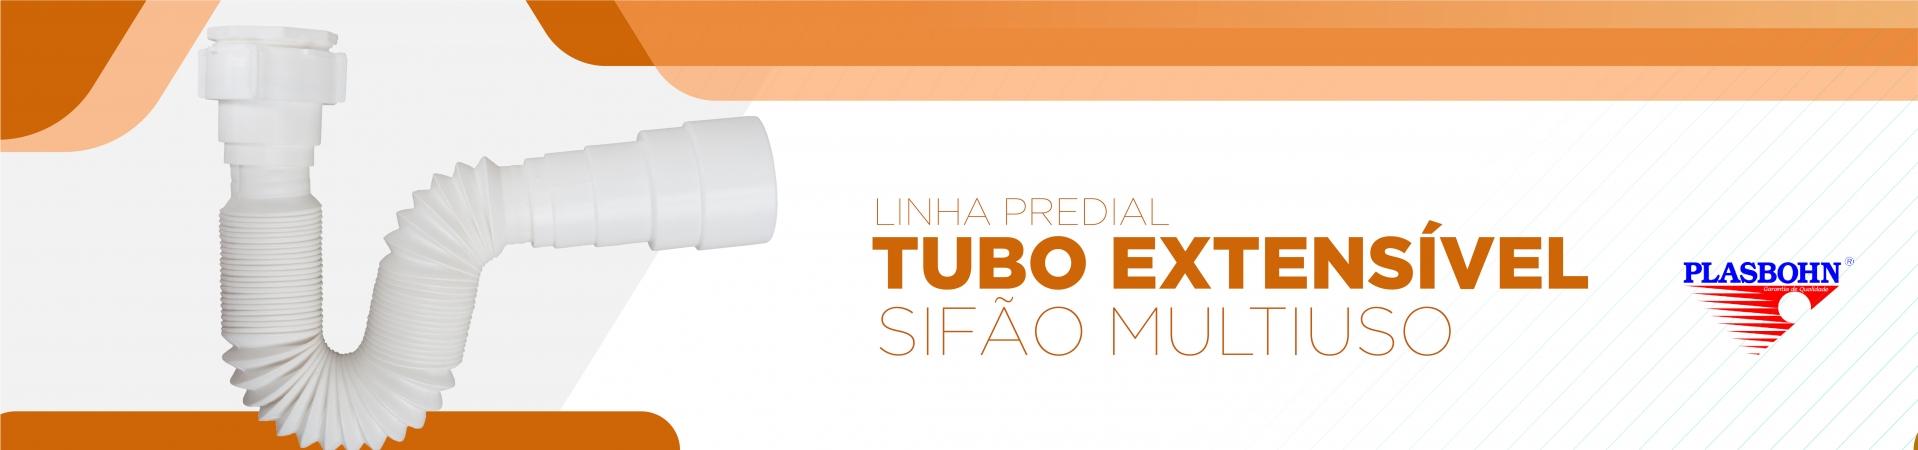 Tubo Extensivo Plasbohn